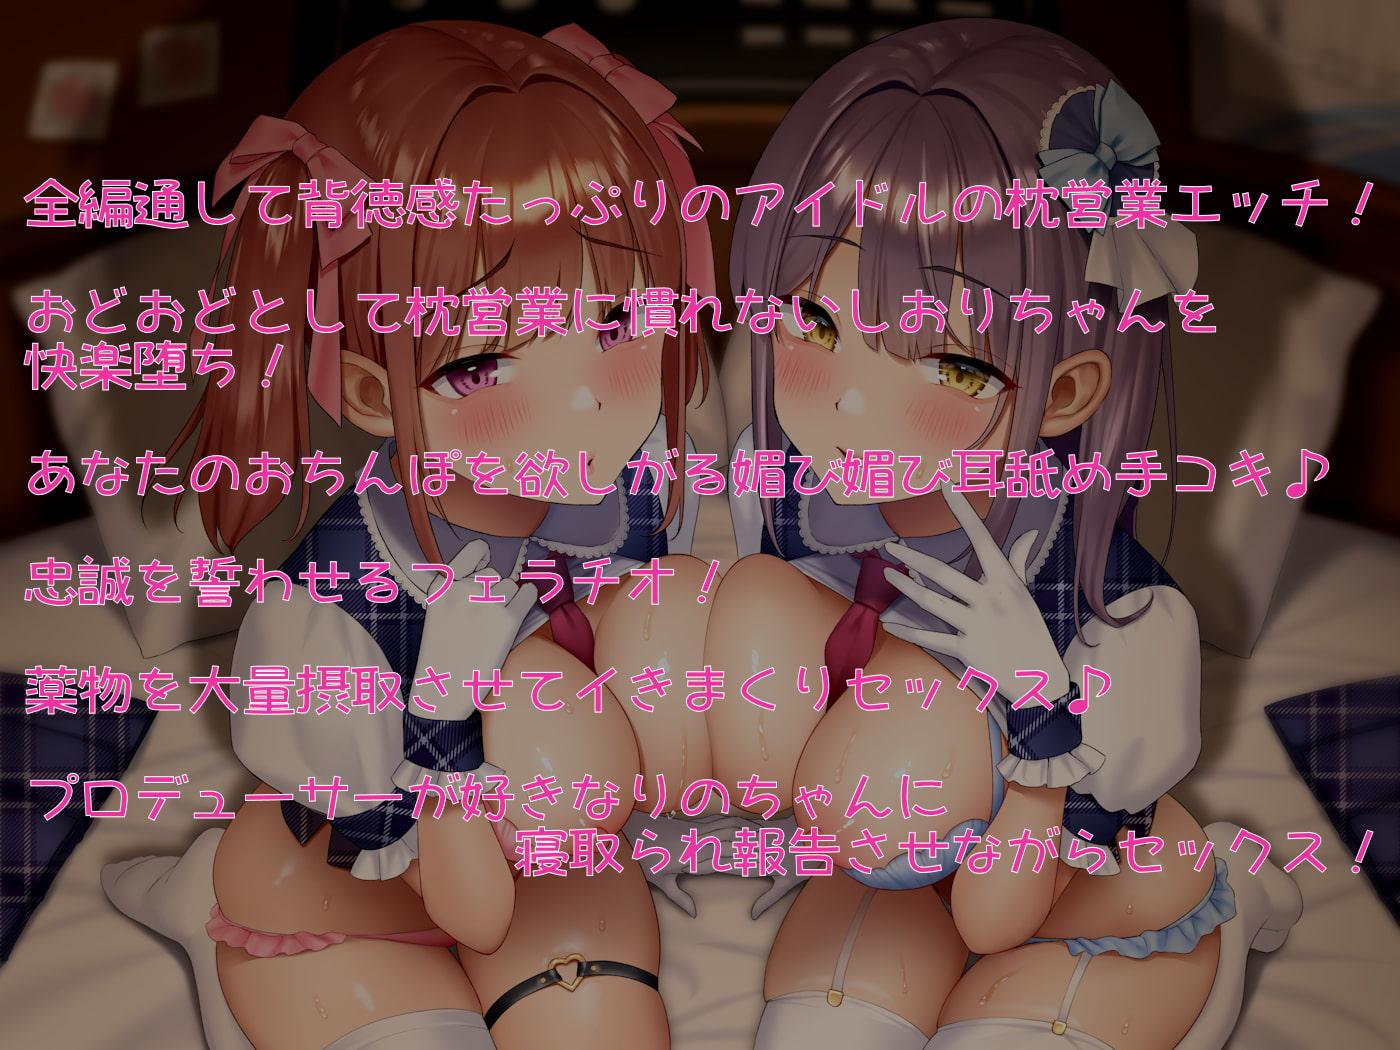 マクラアイドルツインズ【NTR】